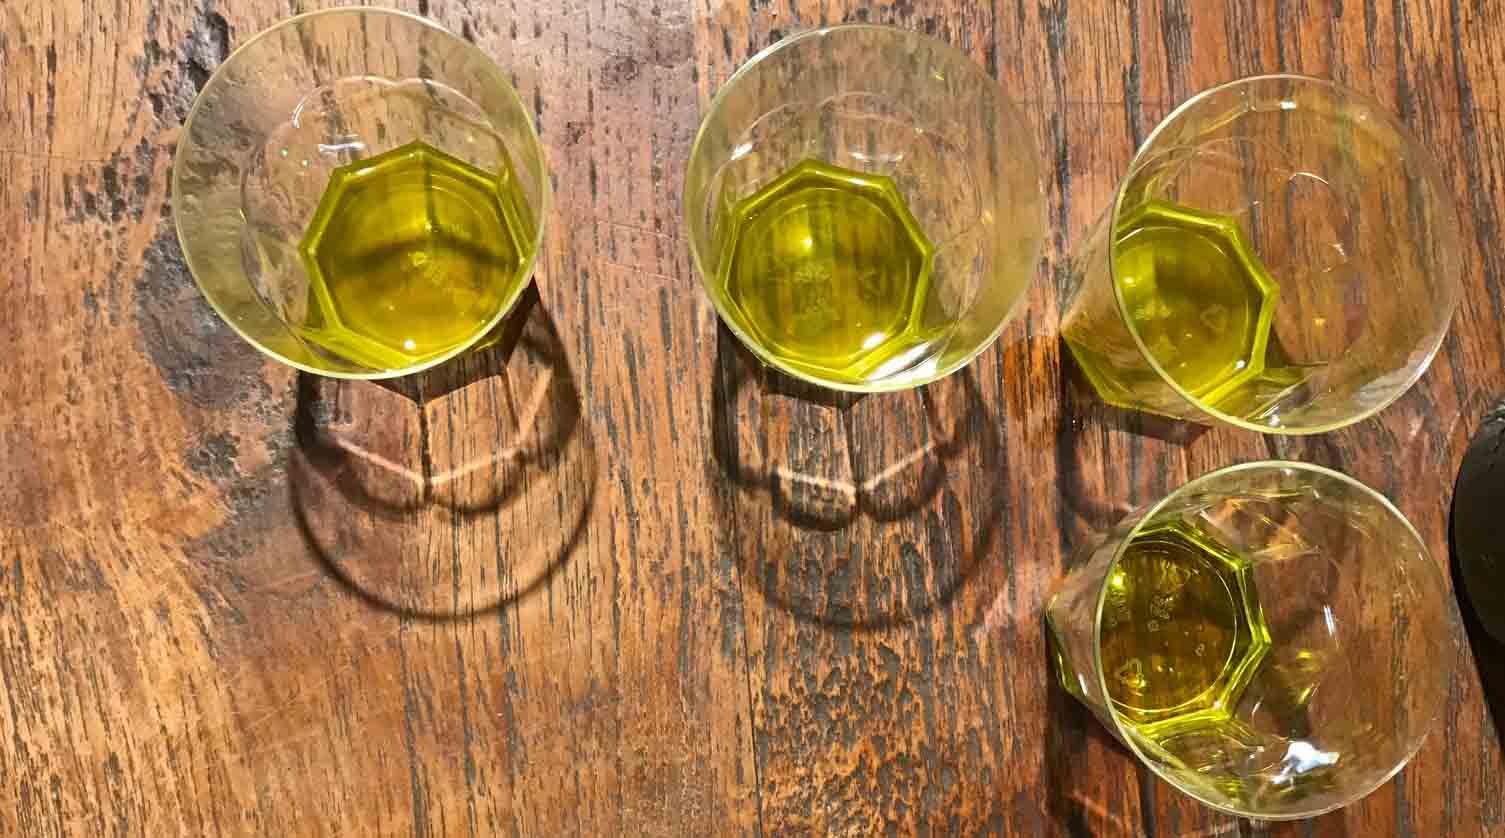 olio-extravergine-oliva-assaggi